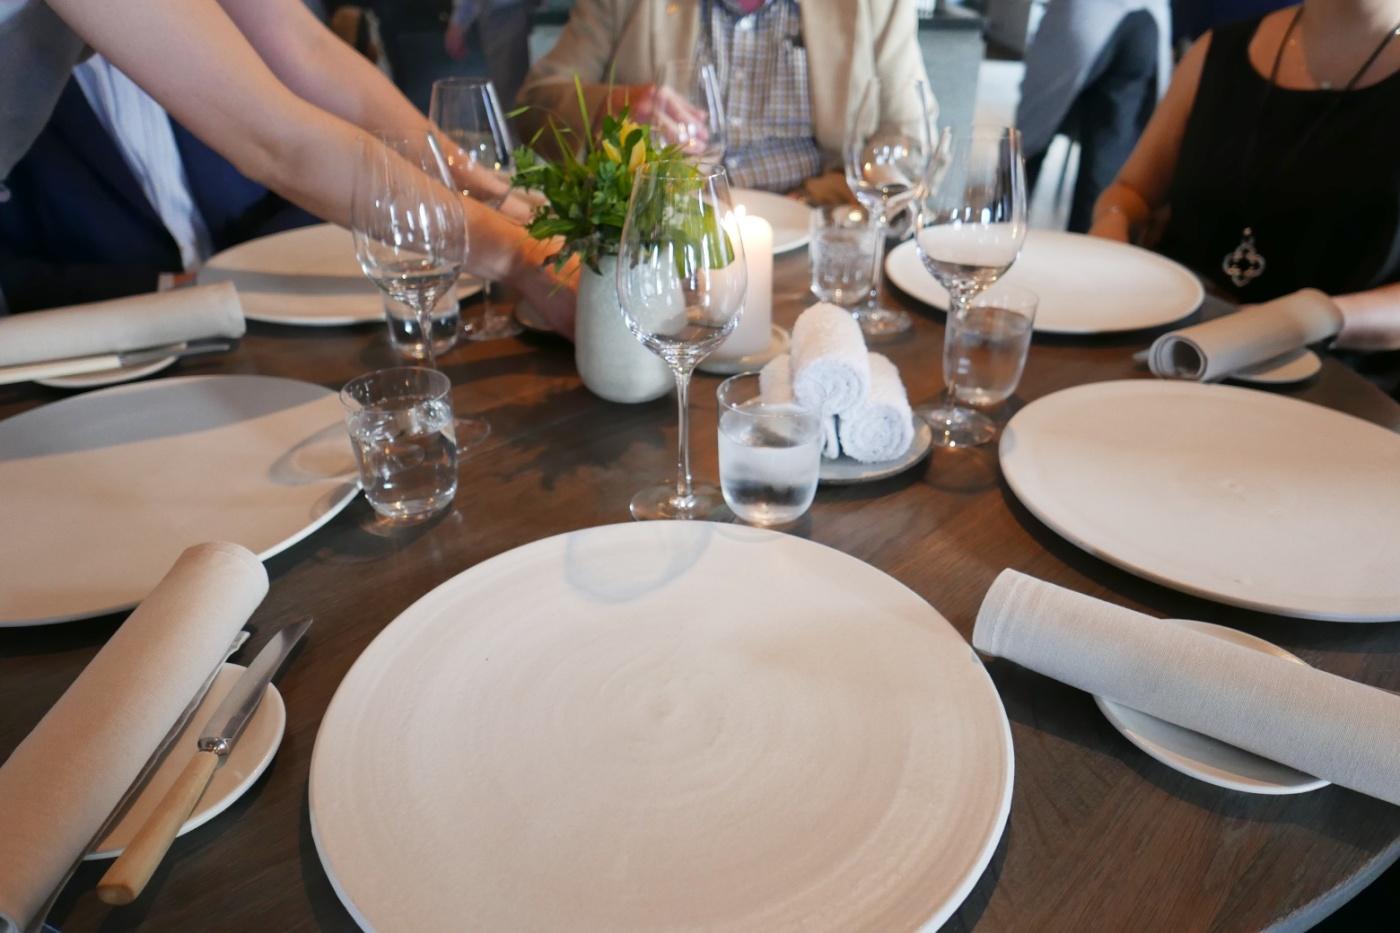 Table setting at Noma